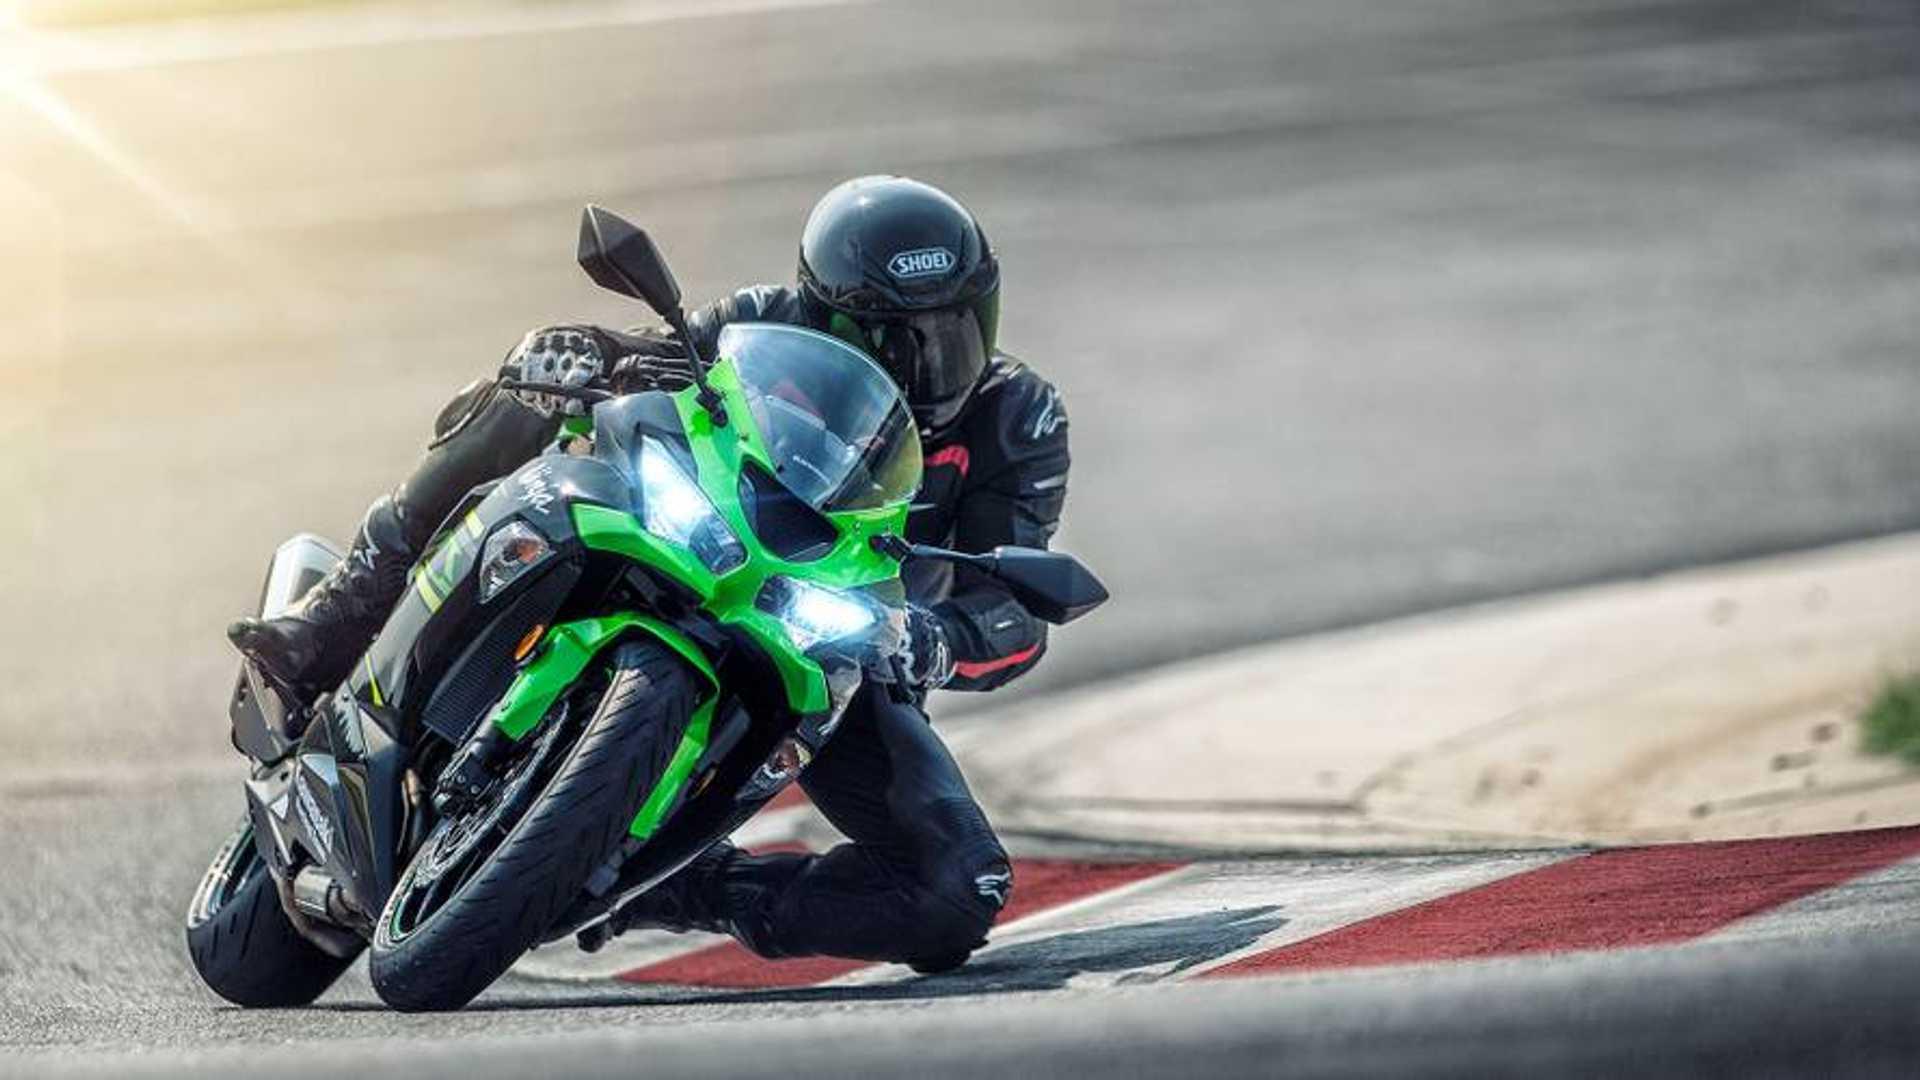 Kawasaki Unveils All New Ninja Zx 6r For Under 10k